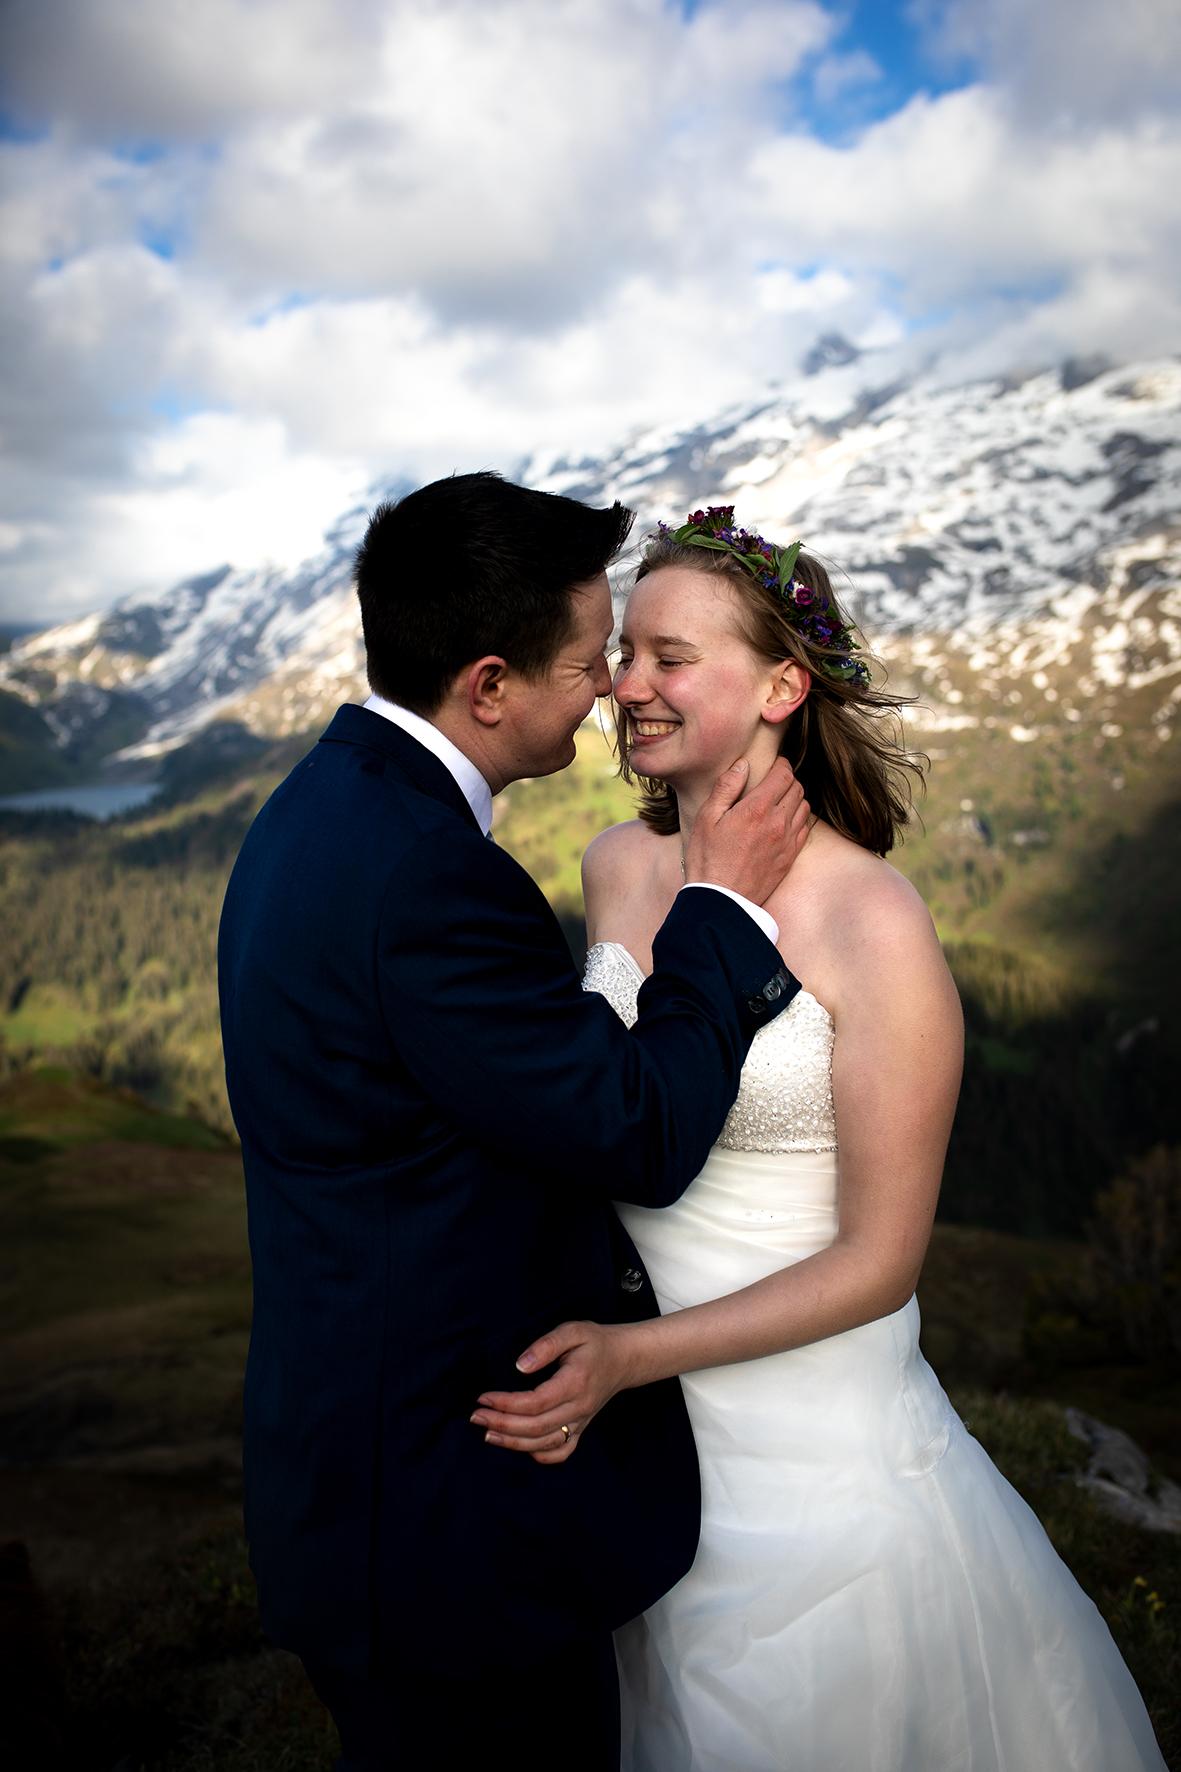 Ein Brautpaar in den Schweizer Alpen gibt sich das Trauversprechen bei einer Hochzeit zu Zweit. Im Hintergrund sind der Engstlensee und der Jochpass zu sehen.